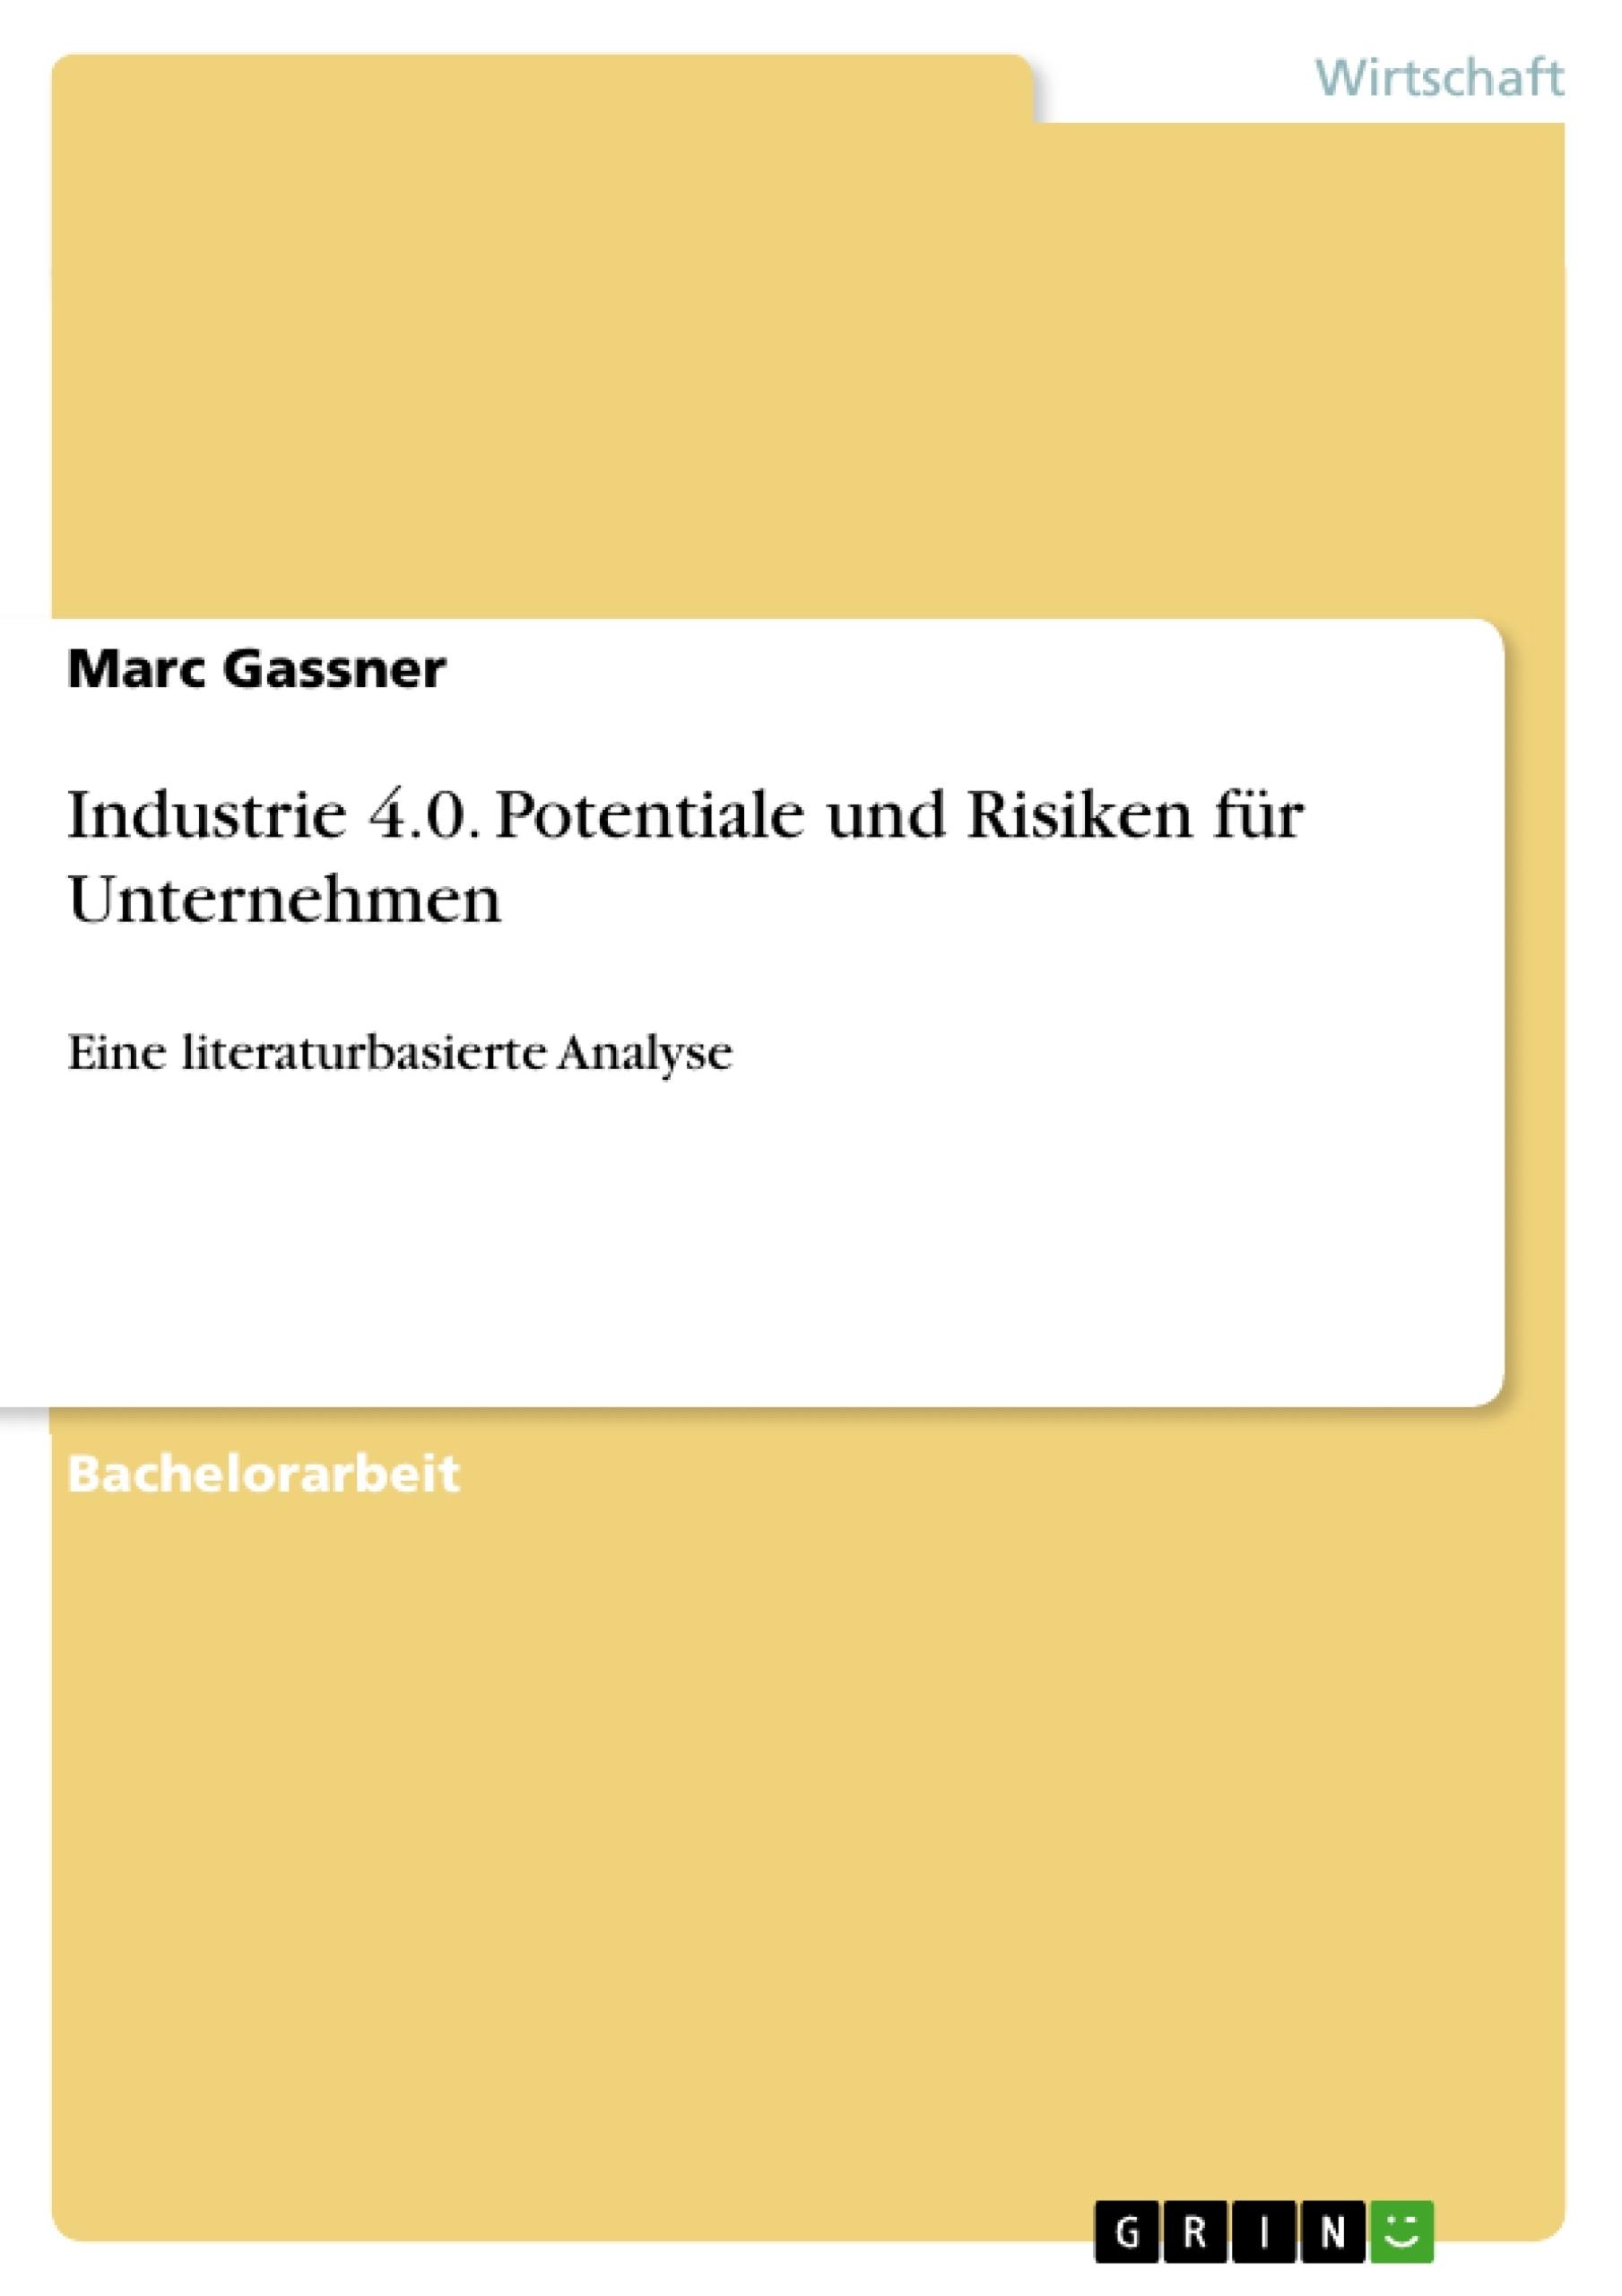 Titel: Industrie 4.0. Potentiale und Risiken für Unternehmen